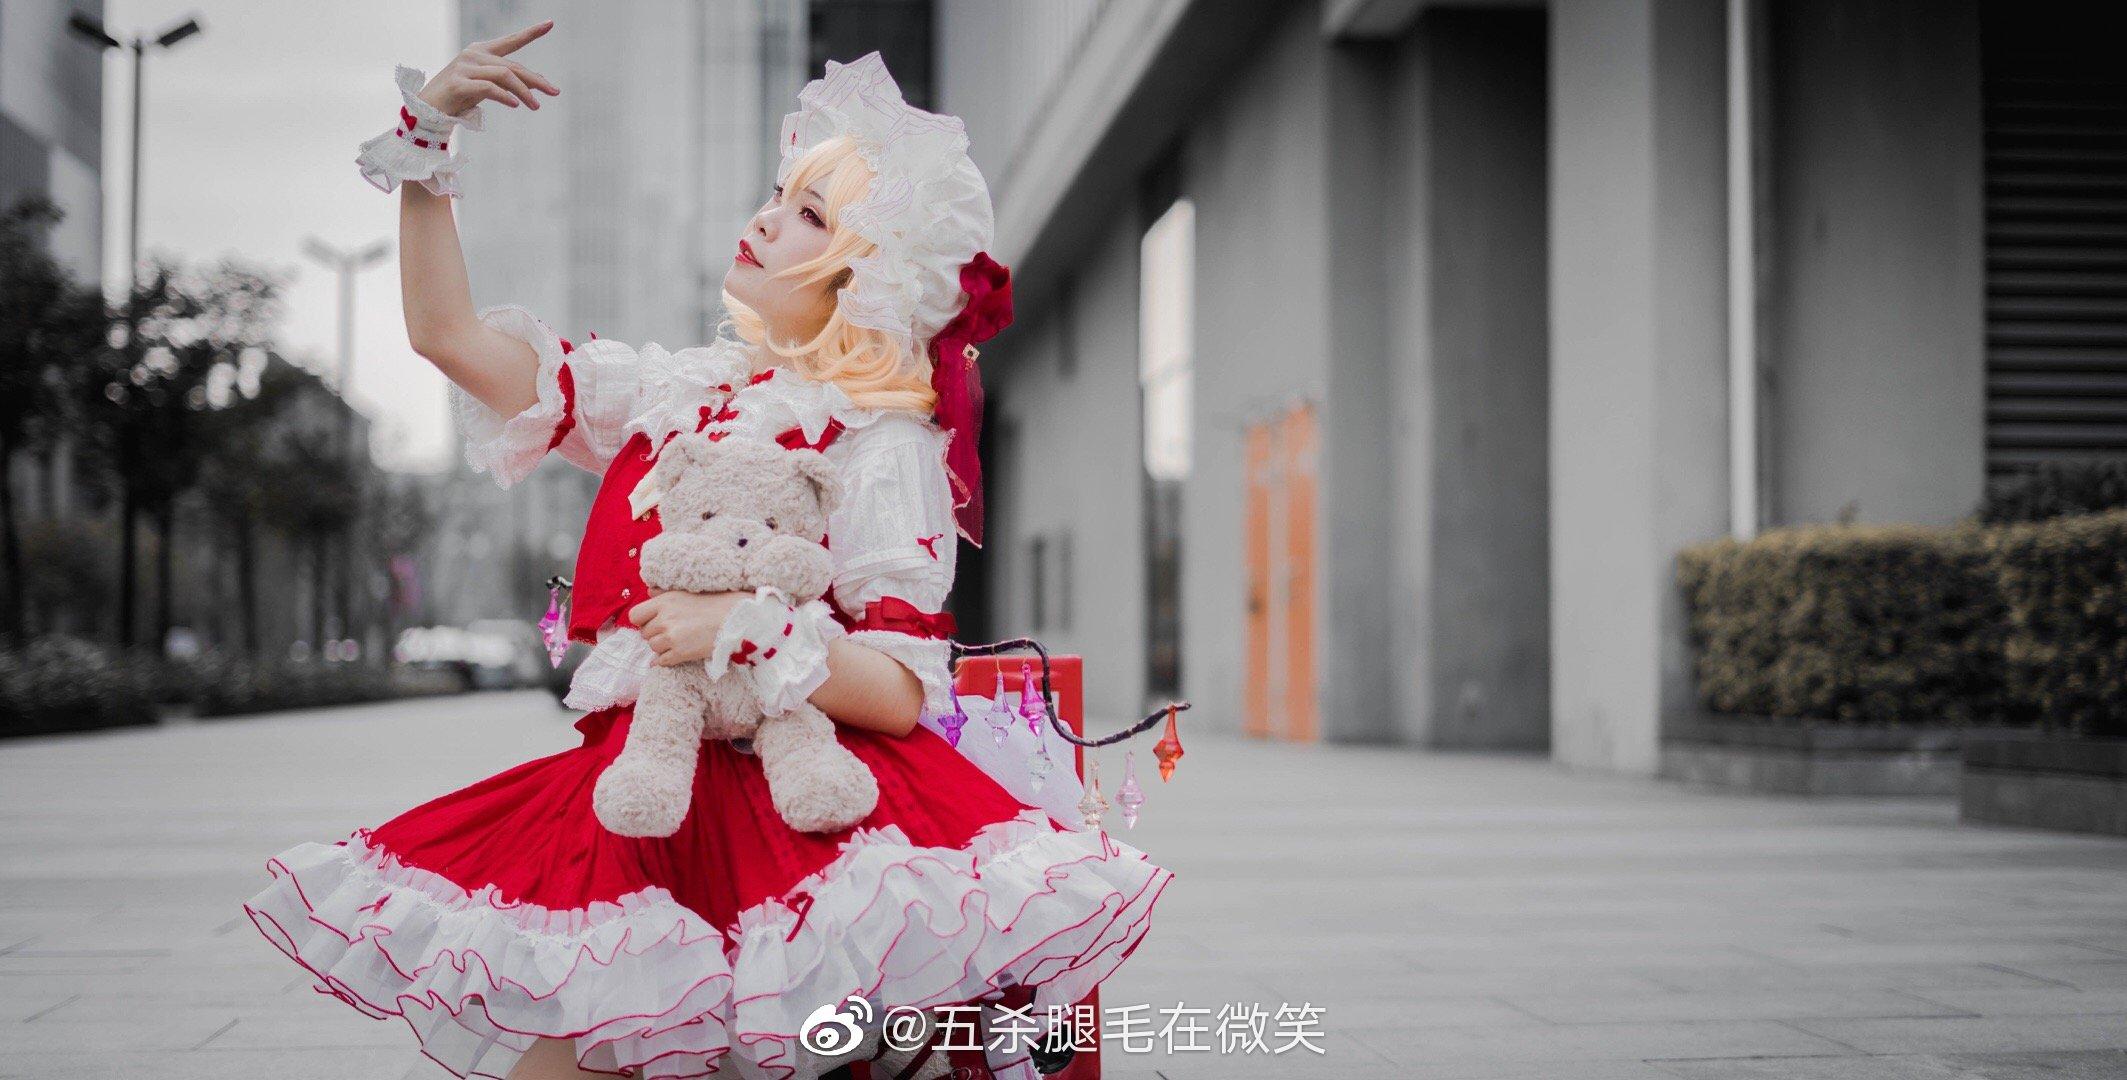 東方project  芙蘭朵露·斯卡雷特  @五殺腿毛在微笑  (初物語動漫展) - COSPLAY -